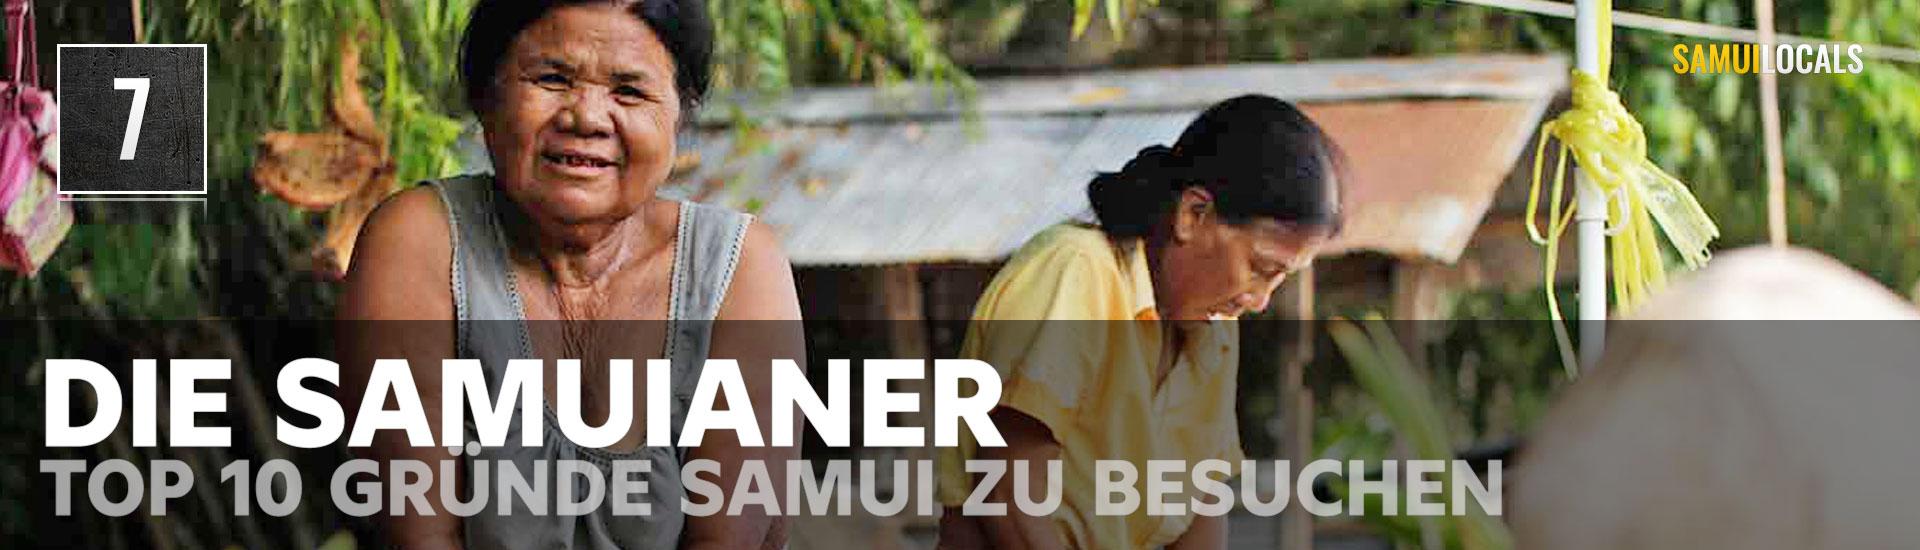 top_10_gruende_samui_zu_besuchen_die_samuianer